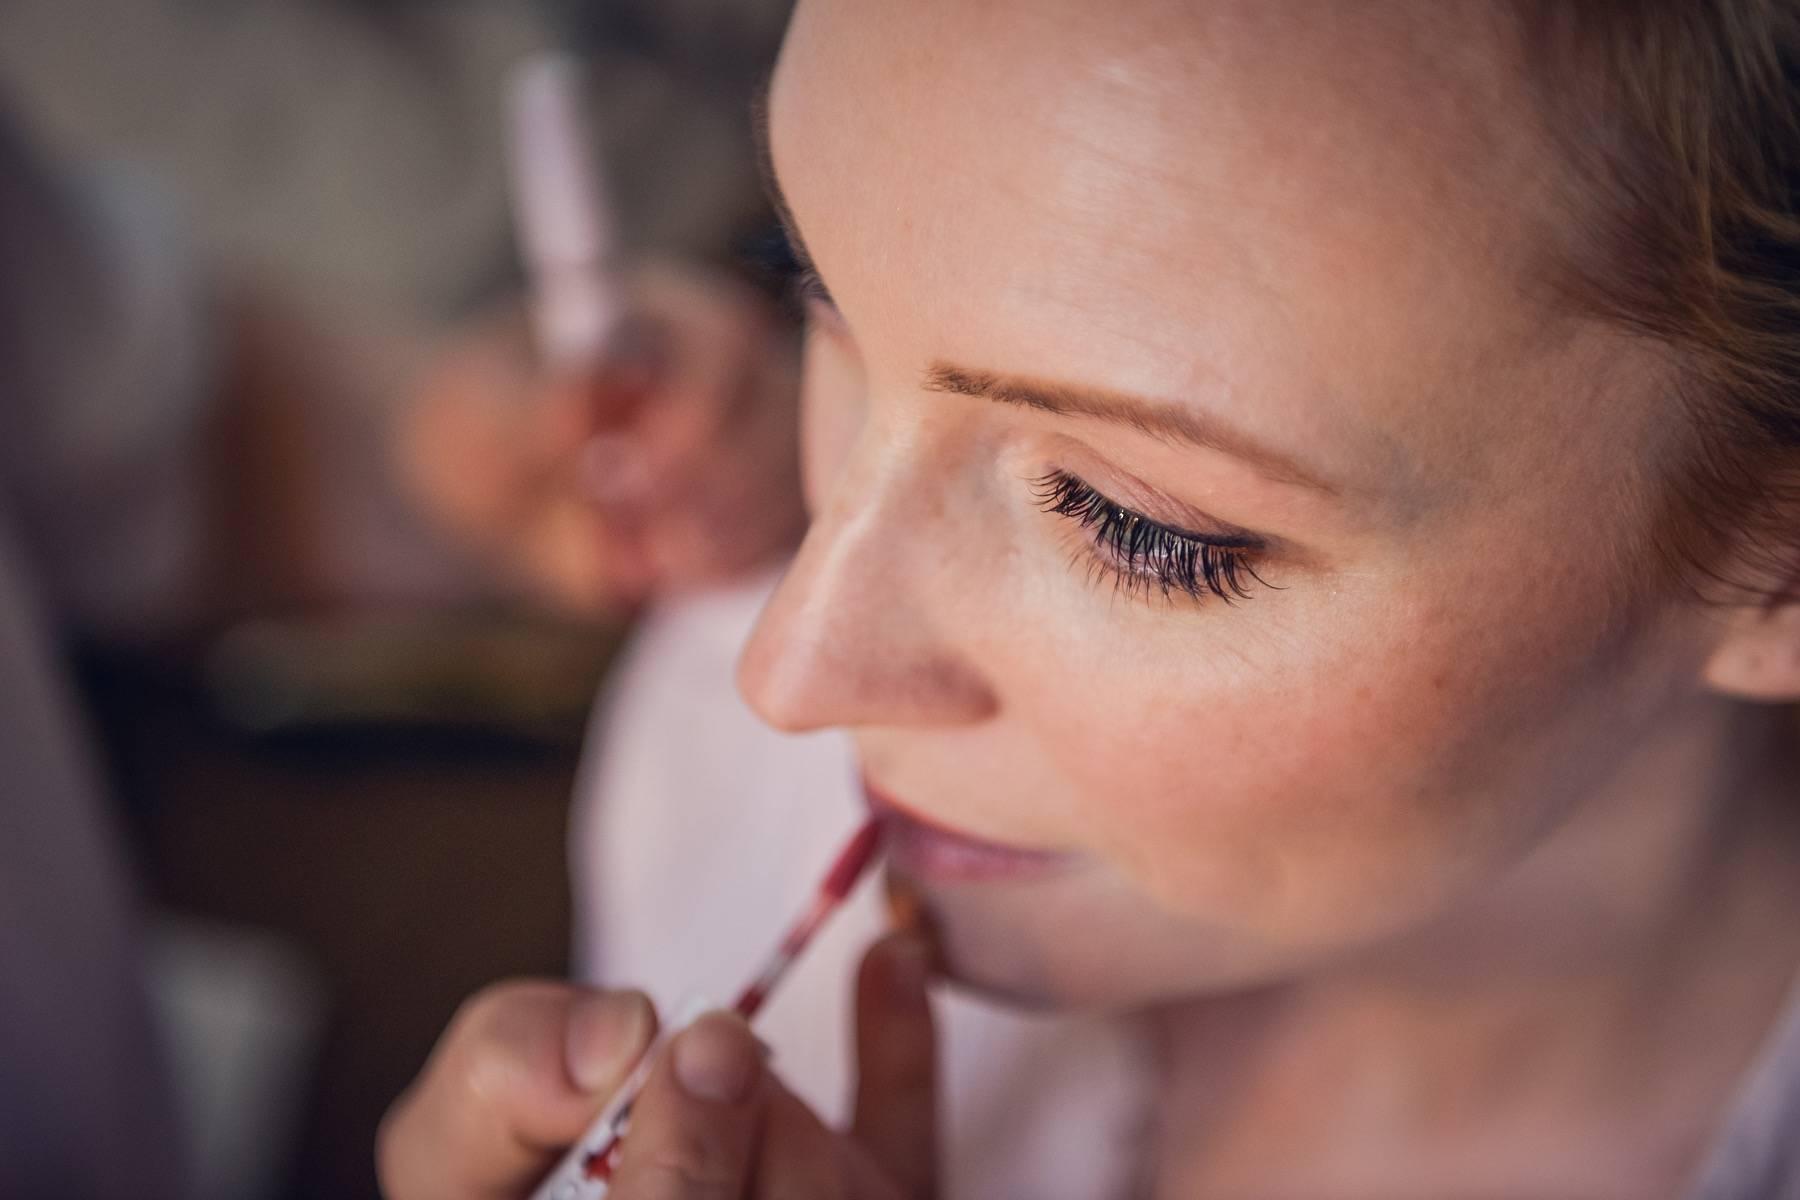 natürliches tages make-up gibt es bei püppikram - jetzt termin buchen